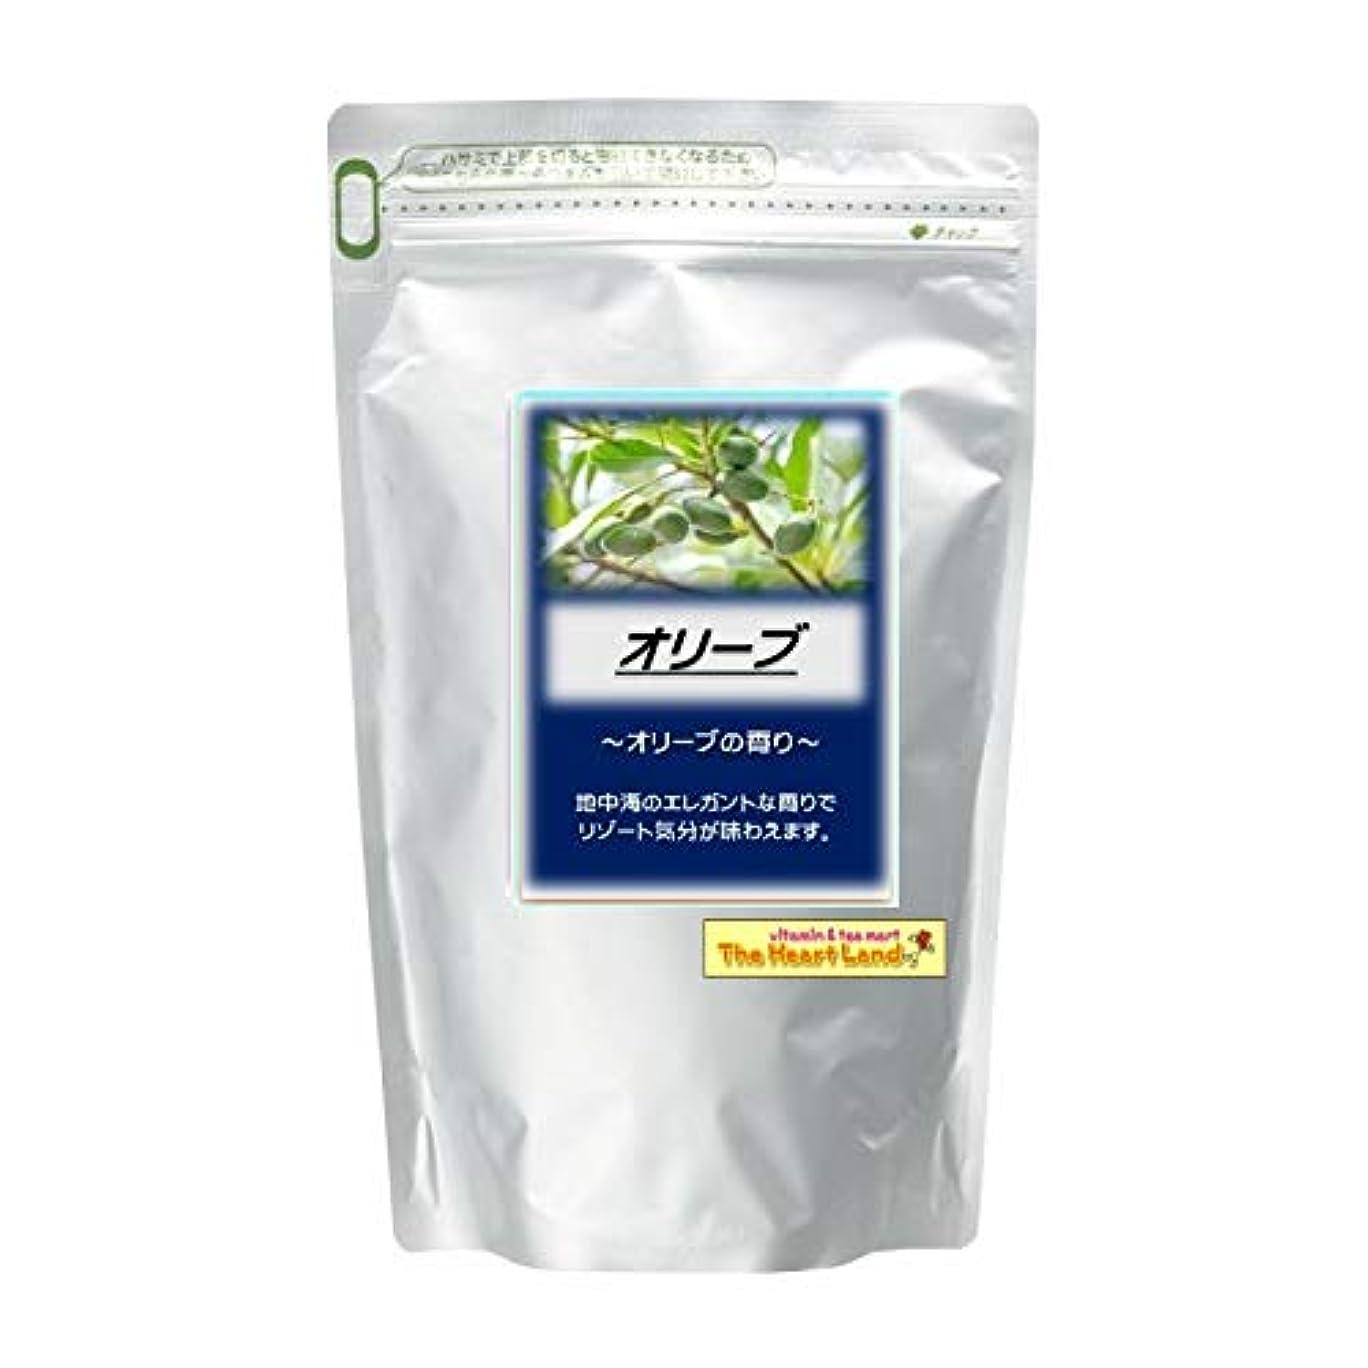 アサヒ入浴剤 浴用入浴化粧品 オリーブ 300g